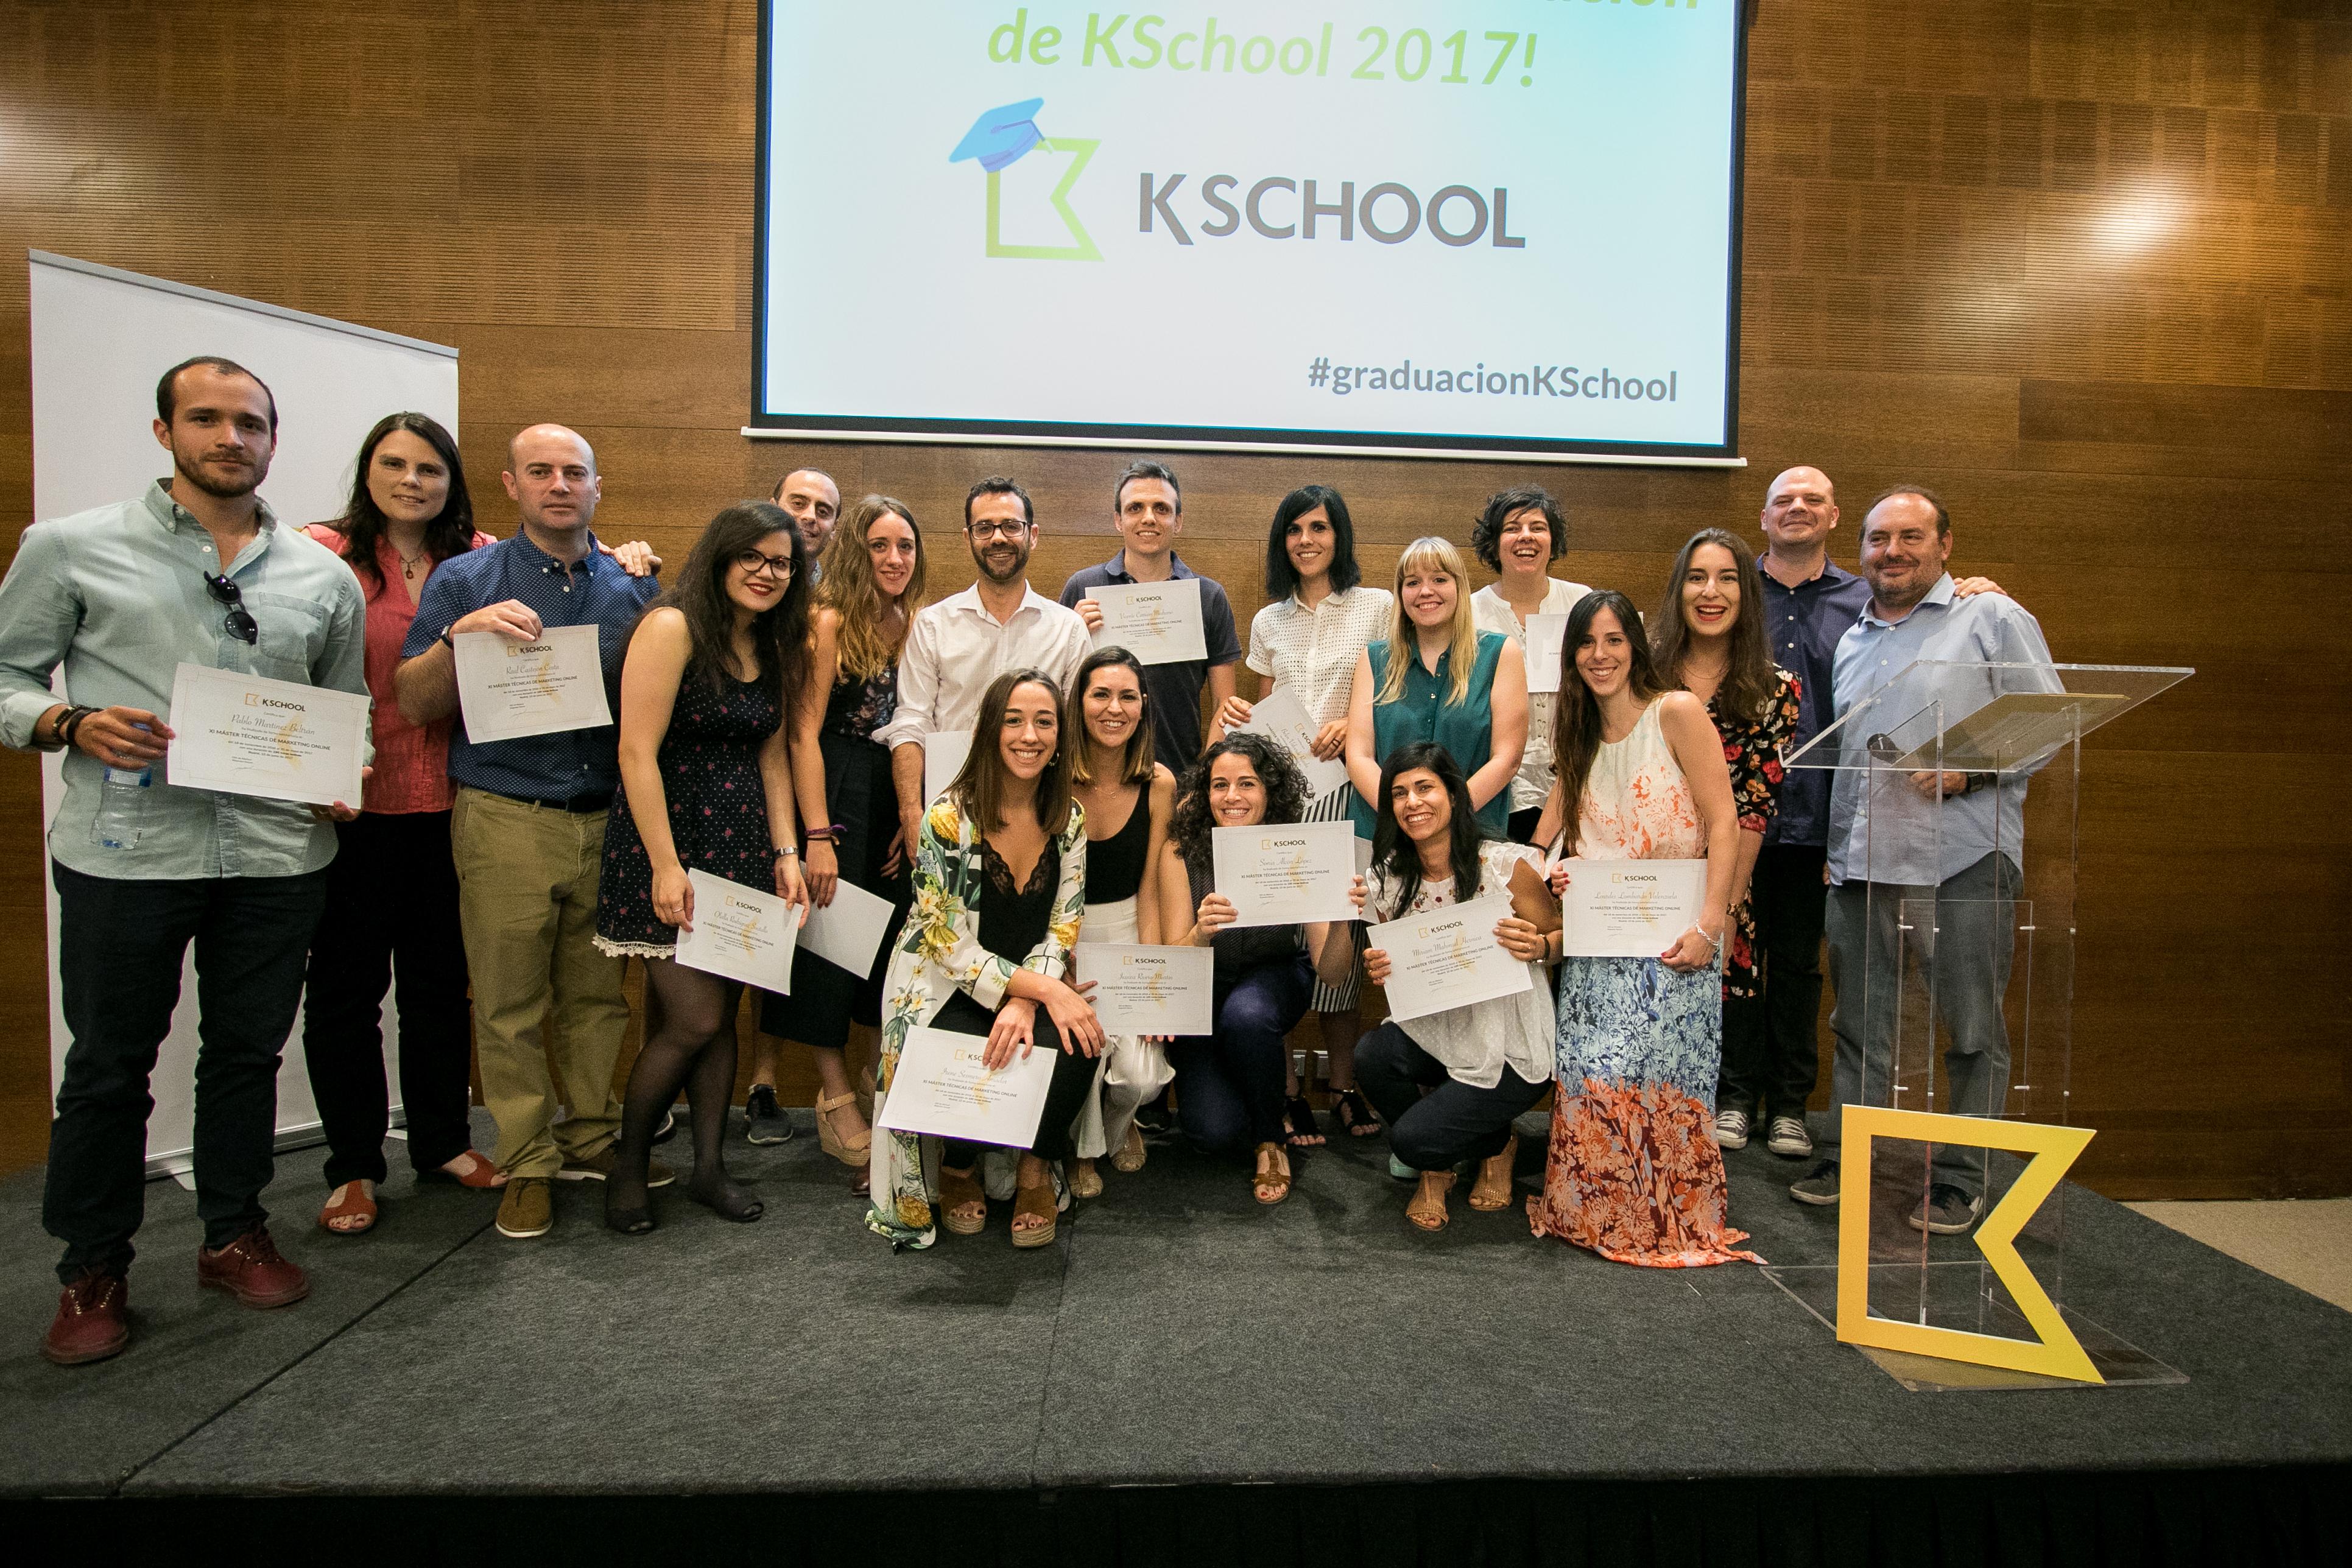 K school-55